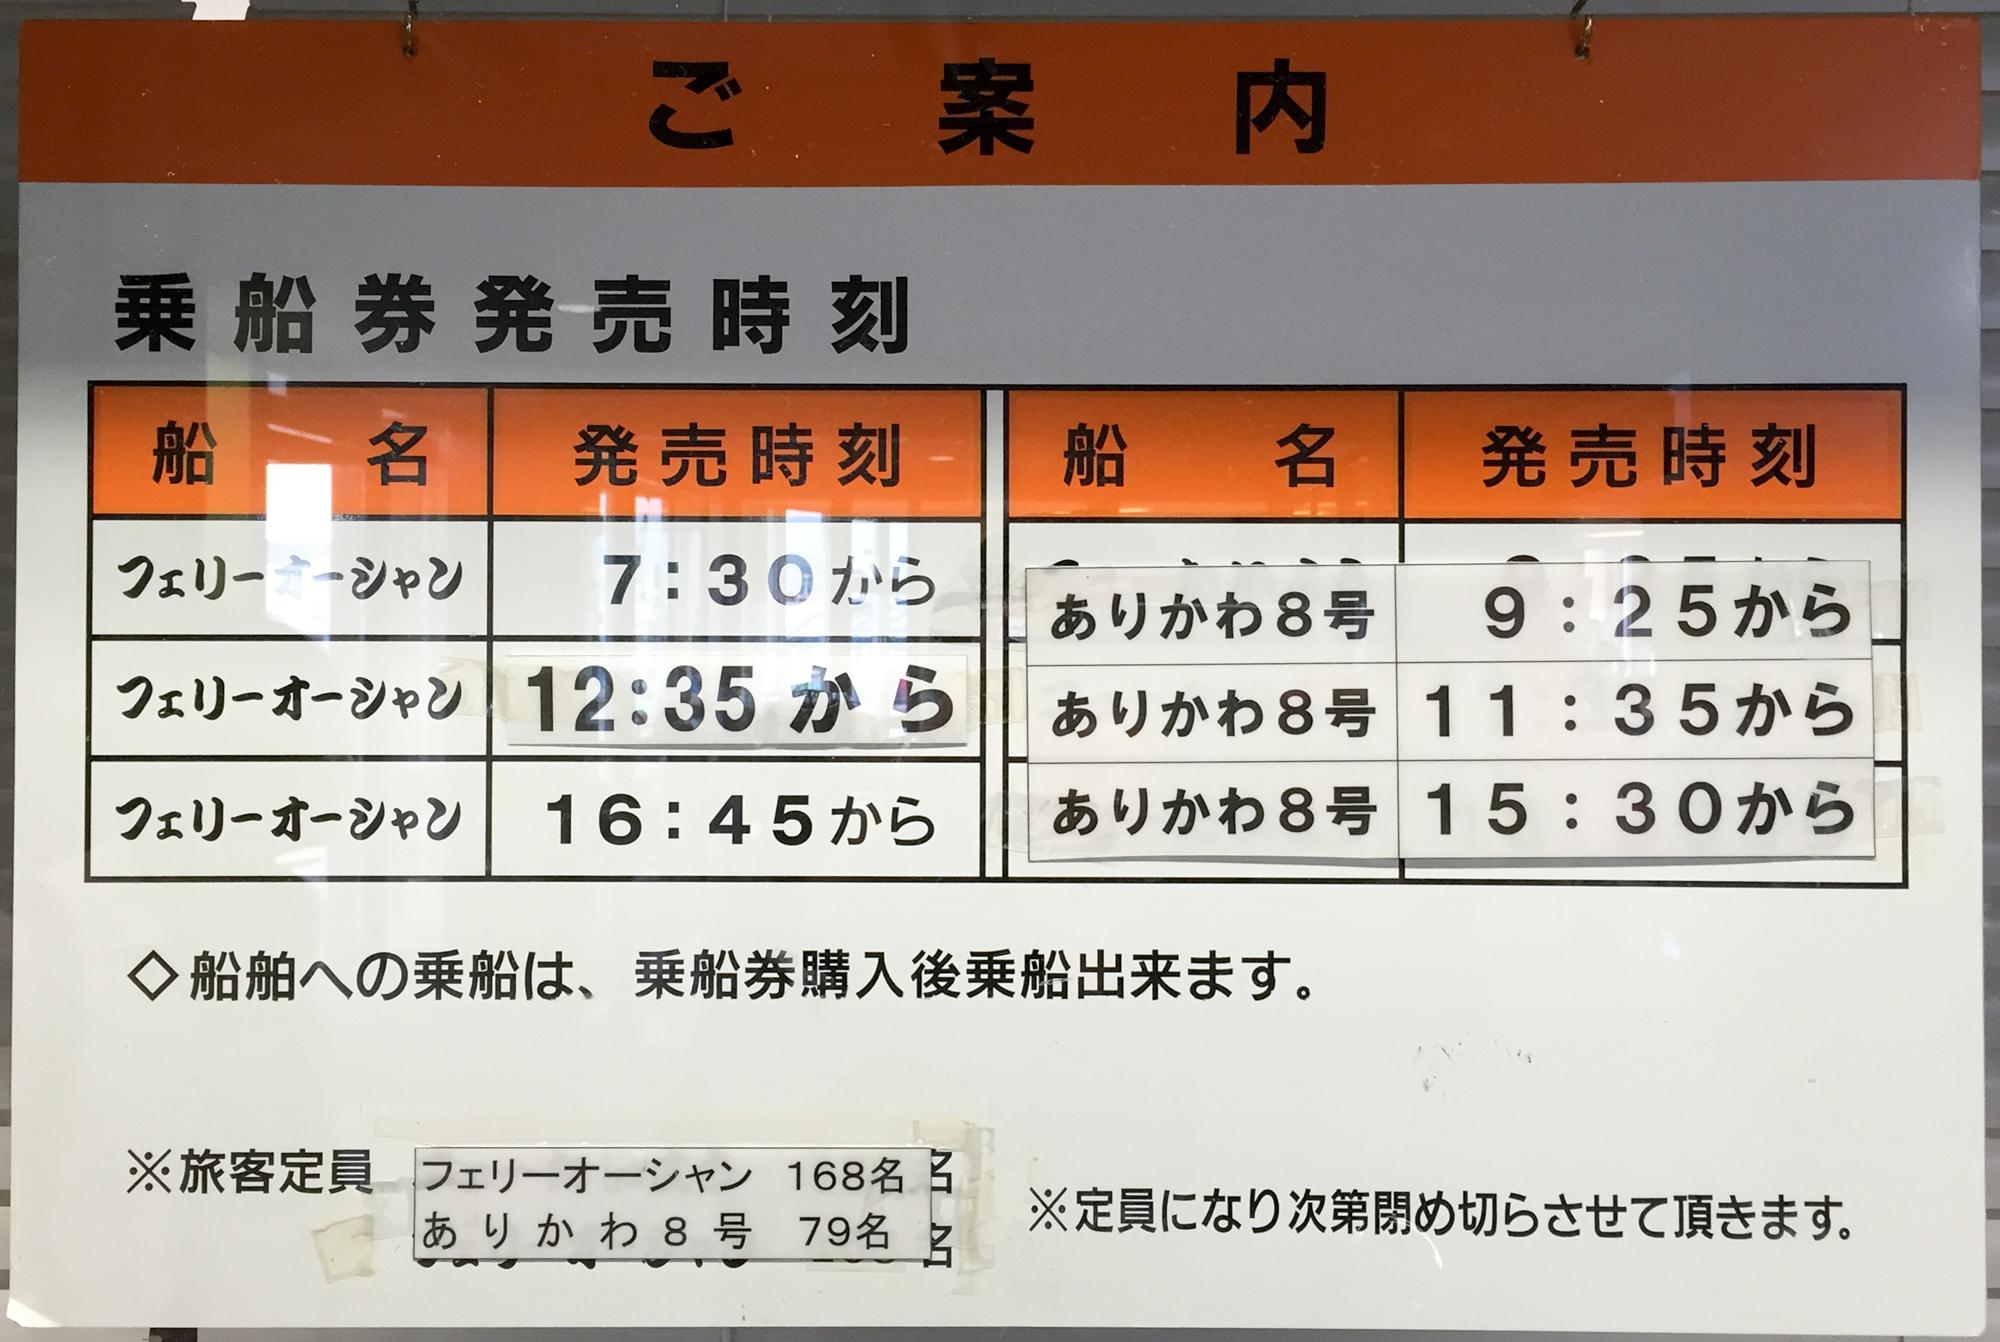 五島旅客船のチケット販売時刻